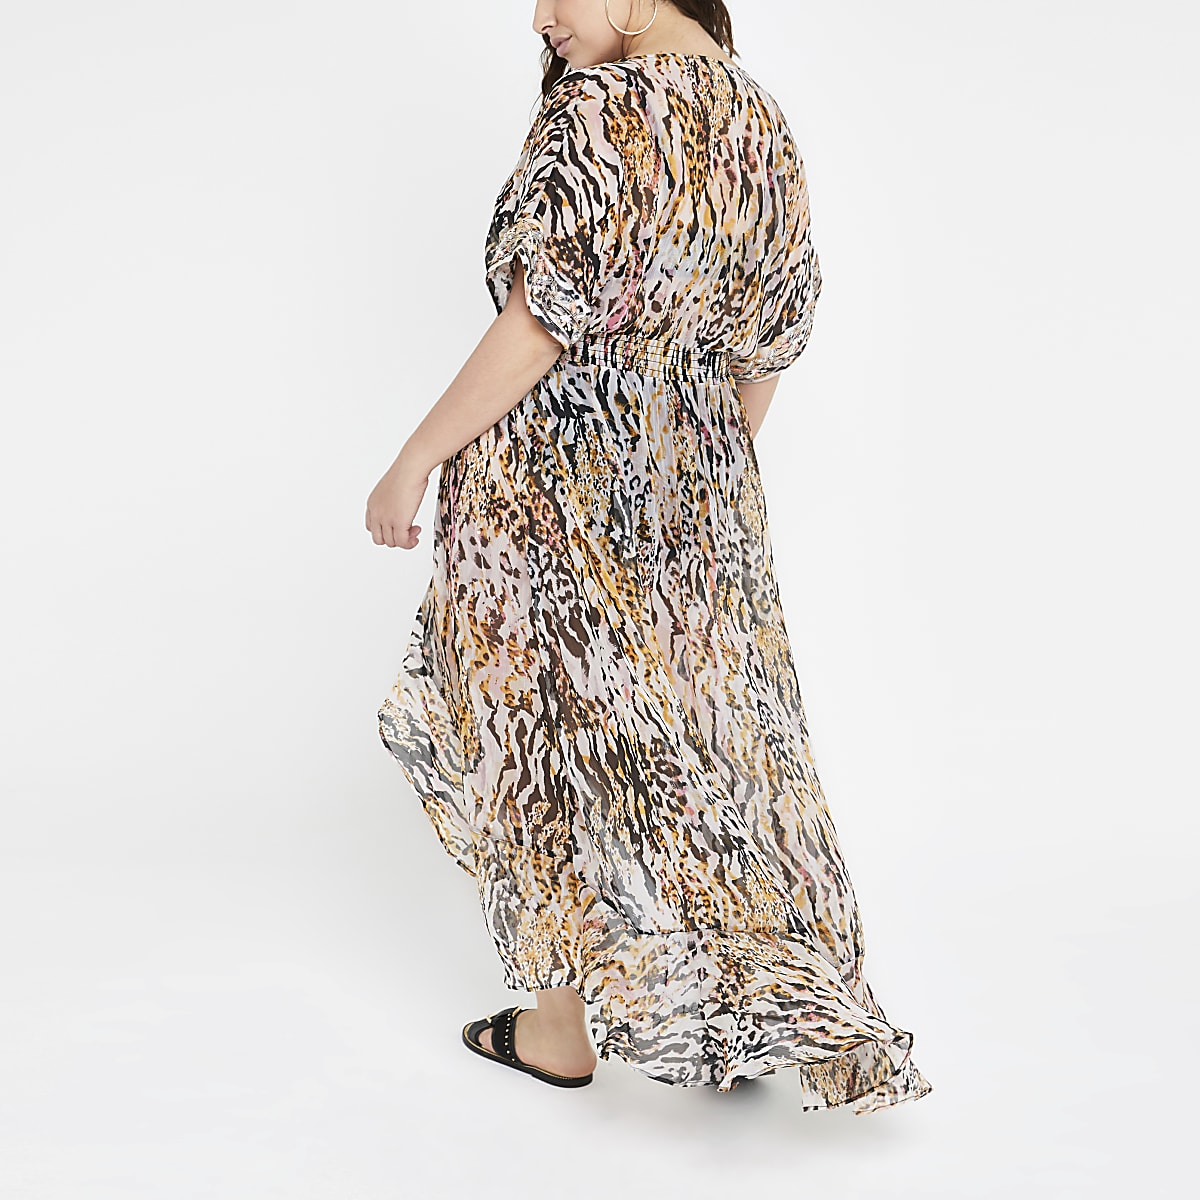 cf1670e1fd Plus brown animal print beach dress - Kaftans & Beach Cover-Ups ...